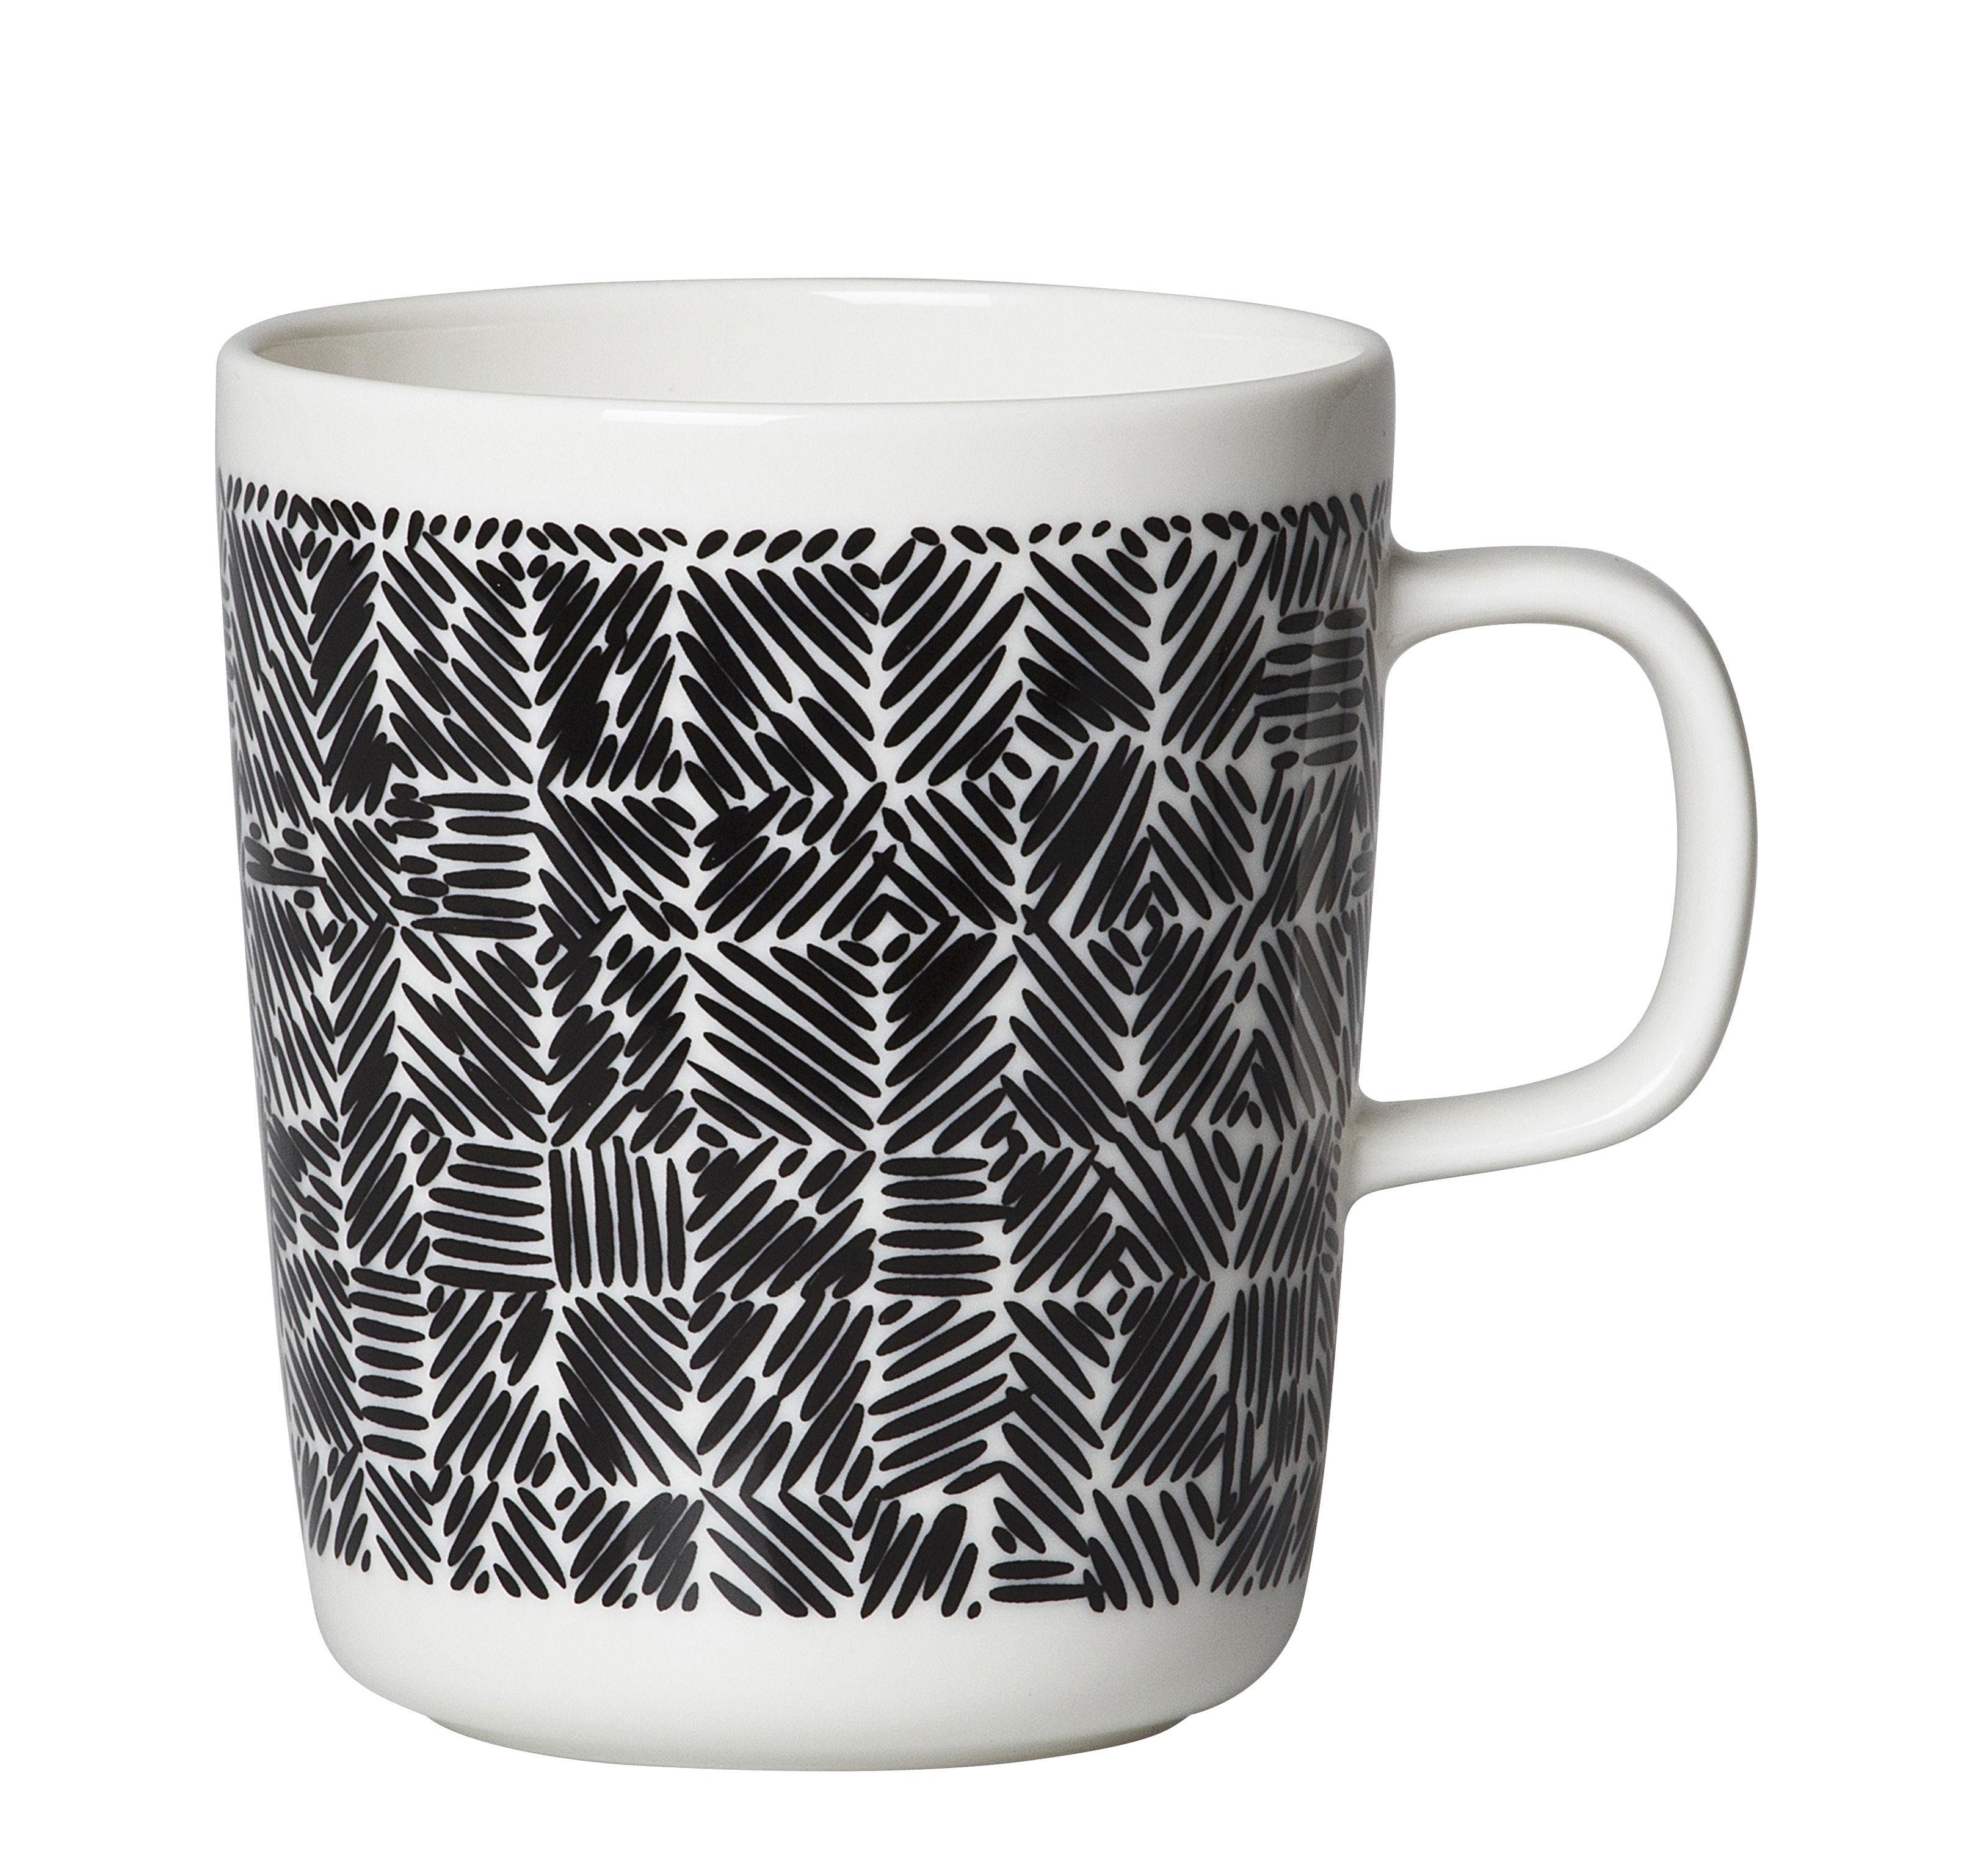 Tableware - Coffee Mugs & Tea Cups - Juustomuotti Mug - / 25 cl by Marimekko - Juustomuotti / Black & white - Sandstone